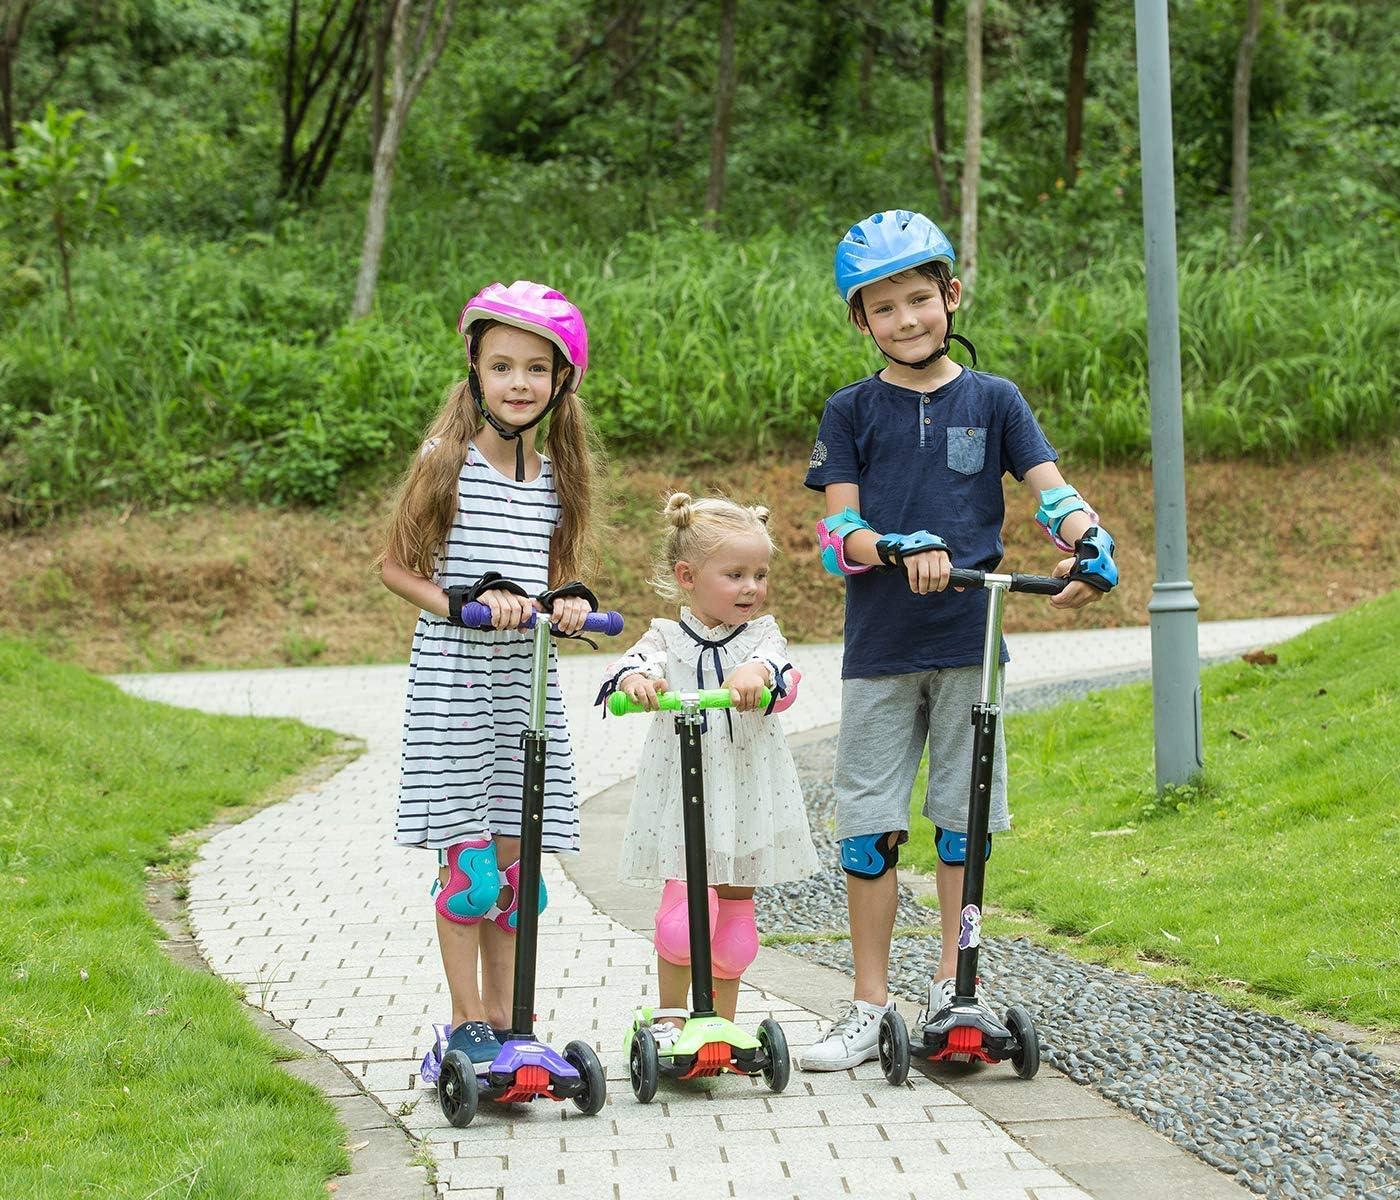 comprar patinete para niños